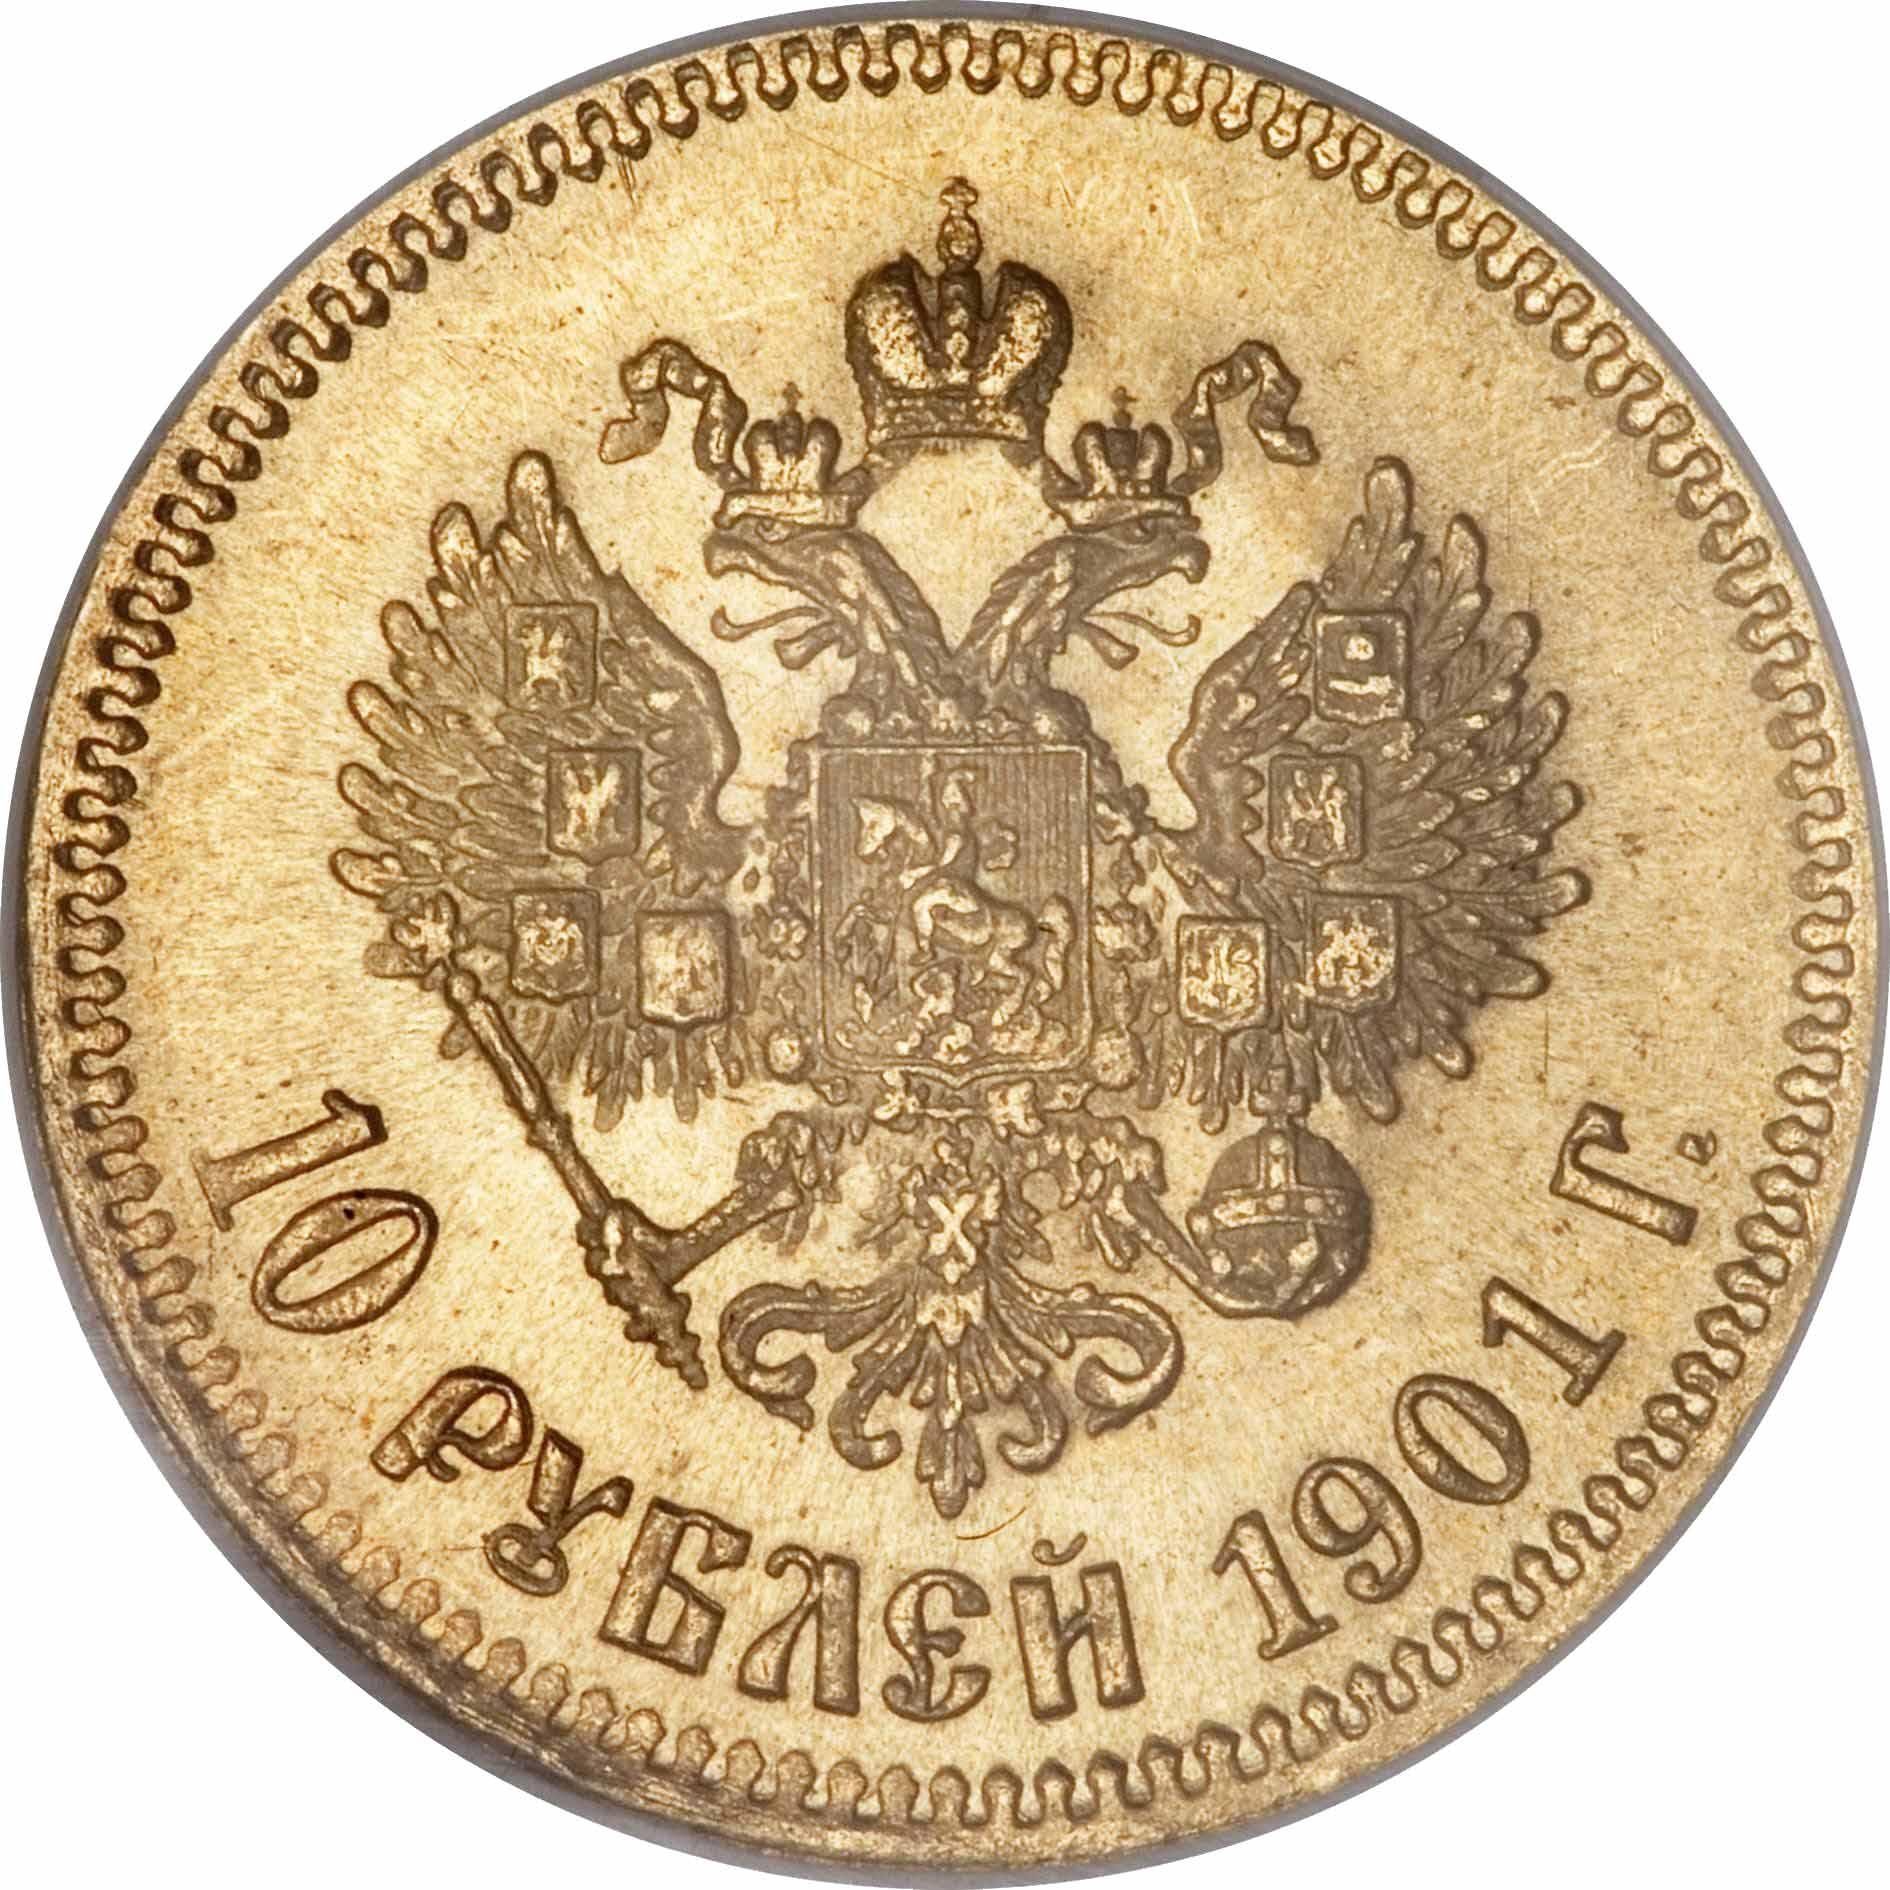 Царская монета Николая 2 - 10 рублей 1901года